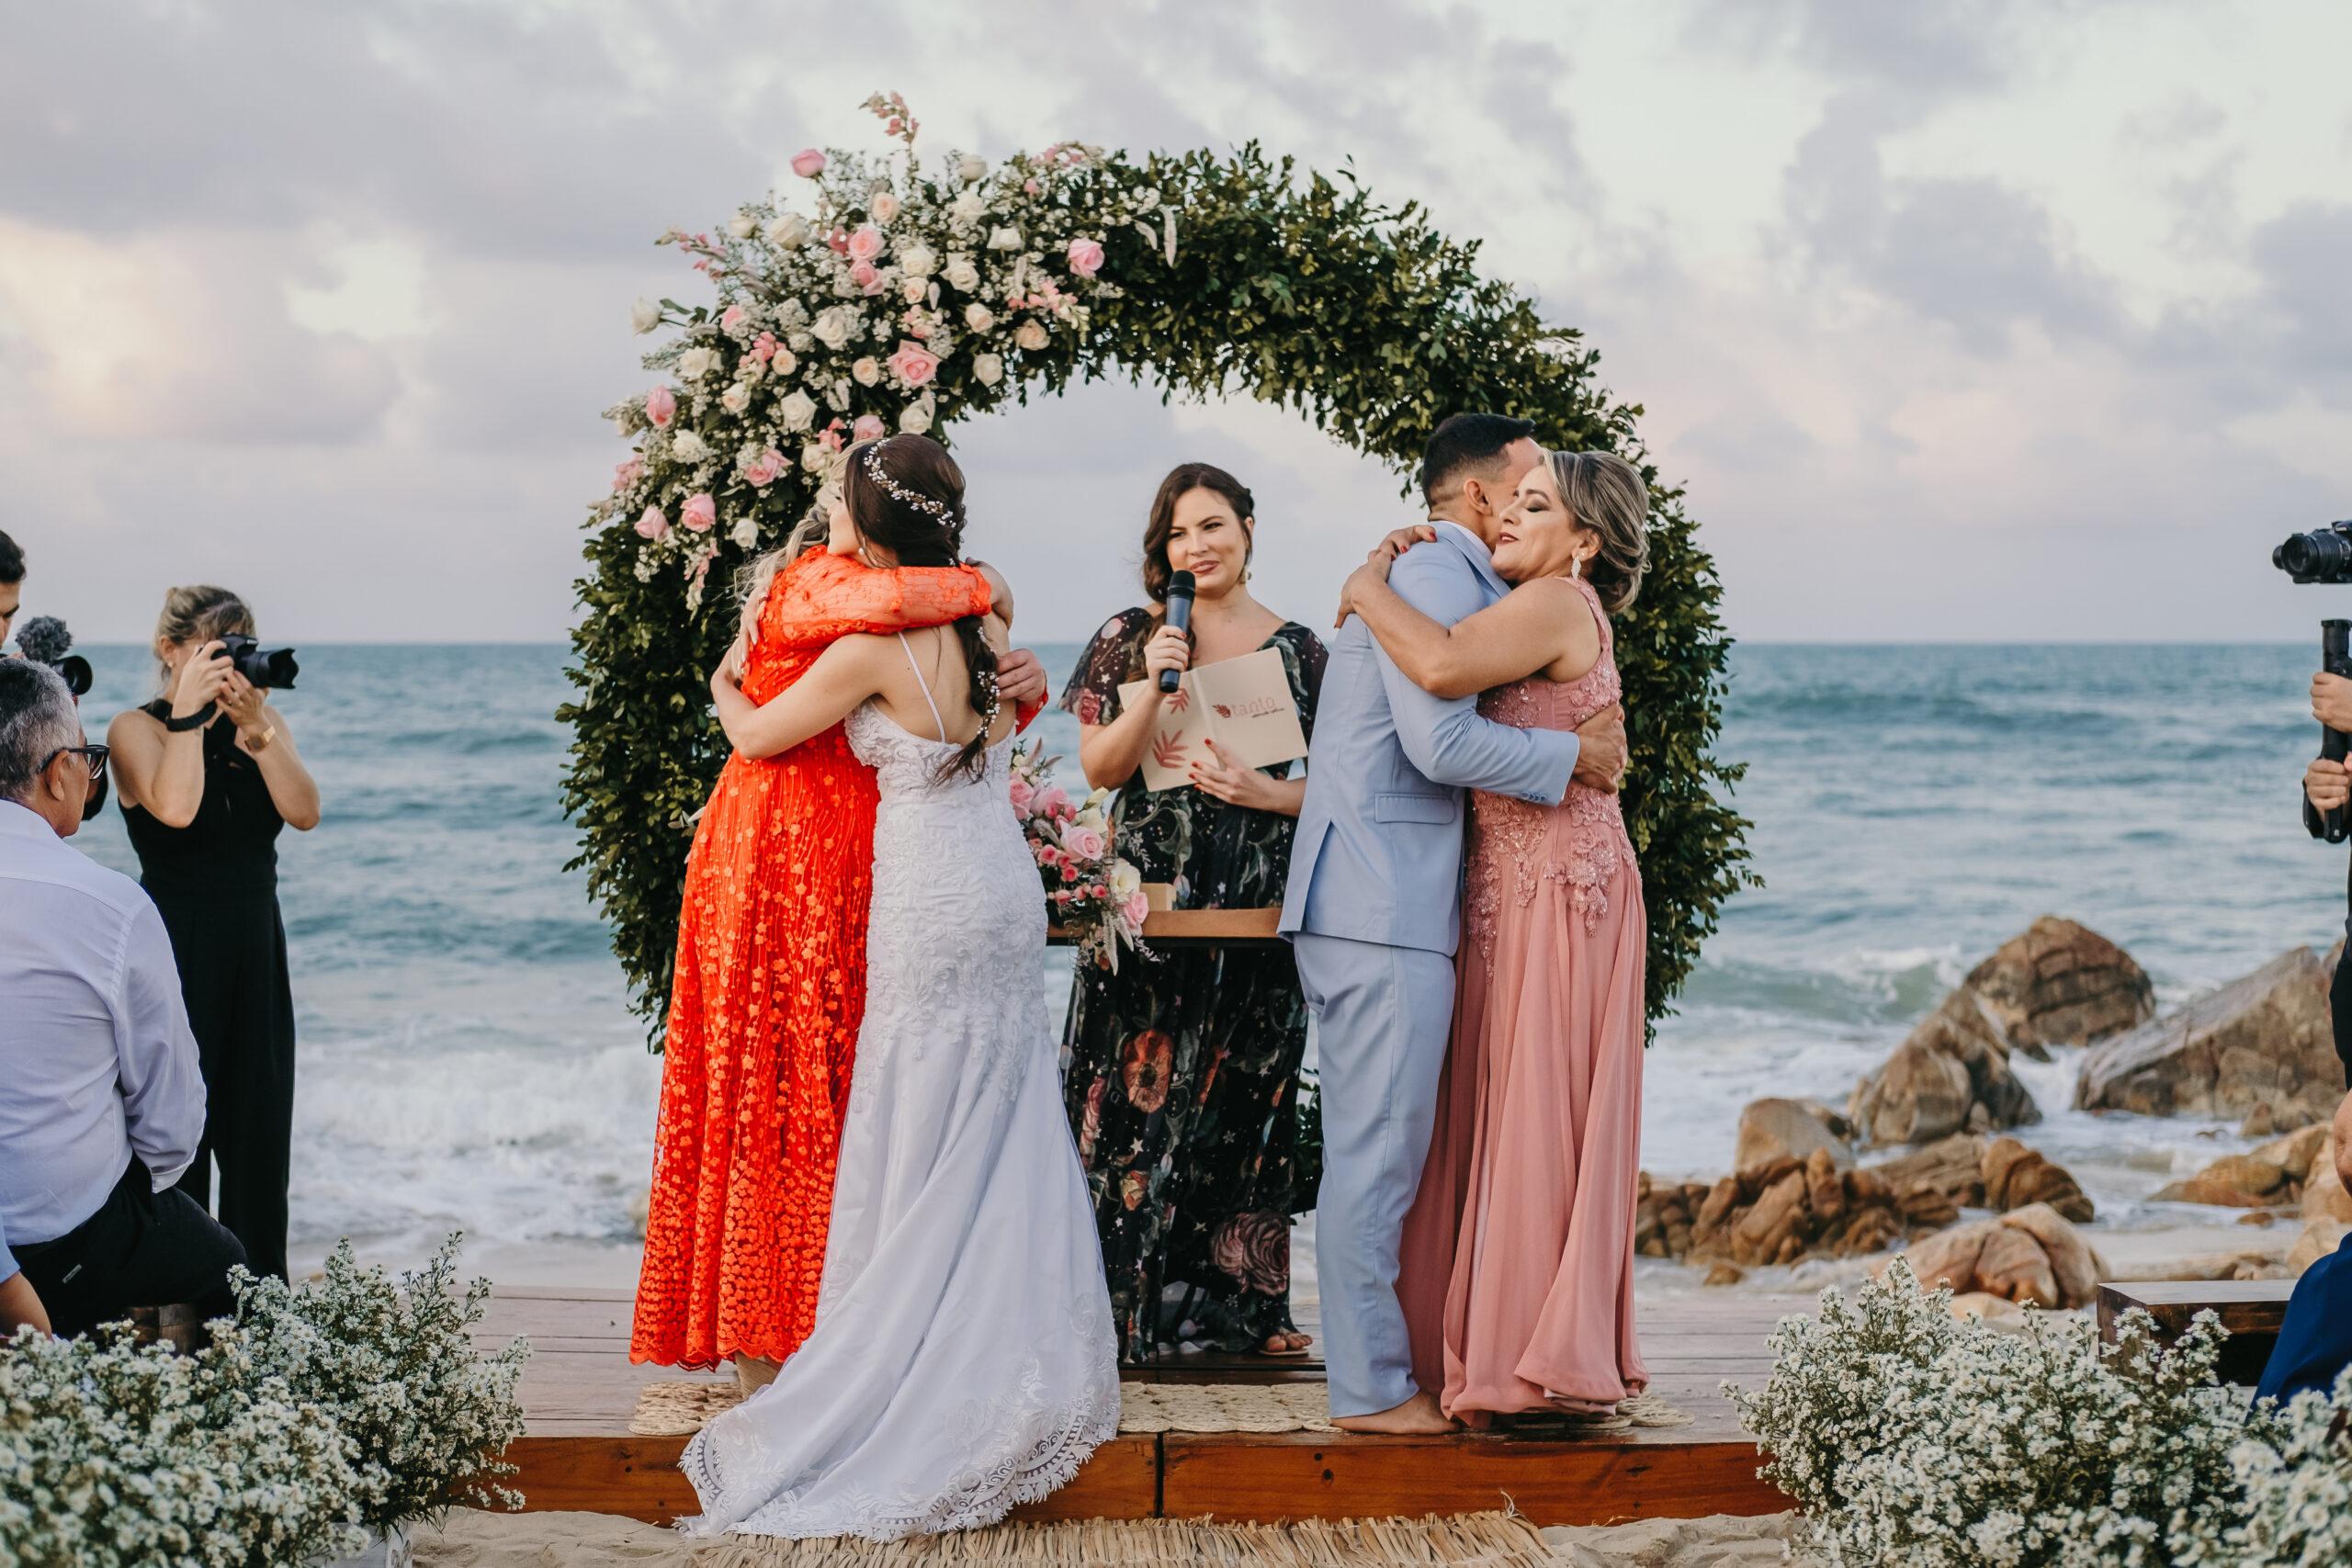 Celebrantes possibilitam cerimônia personalizada e livre de rótulos para os casais